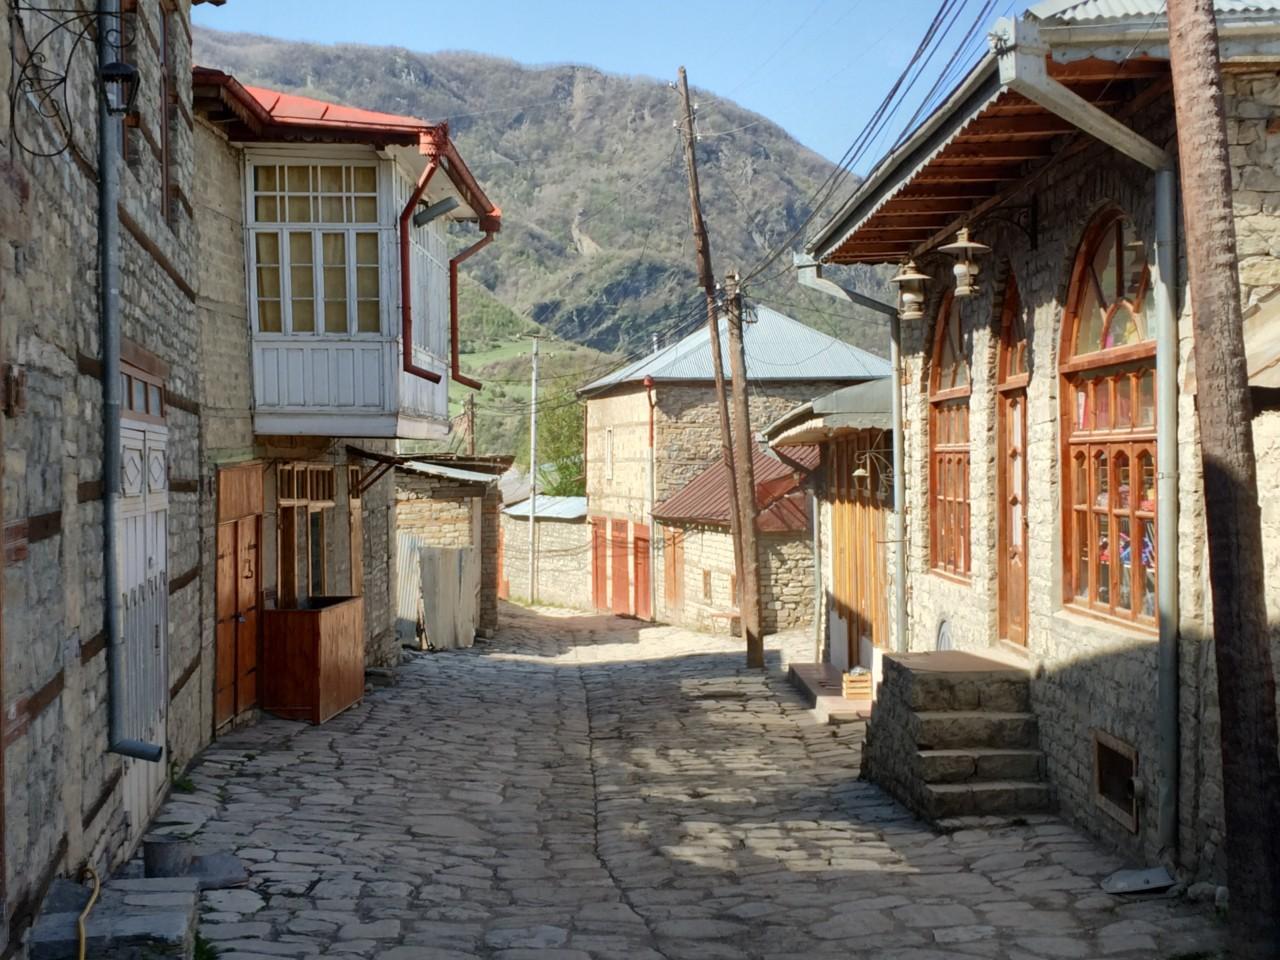 Lahic shady street